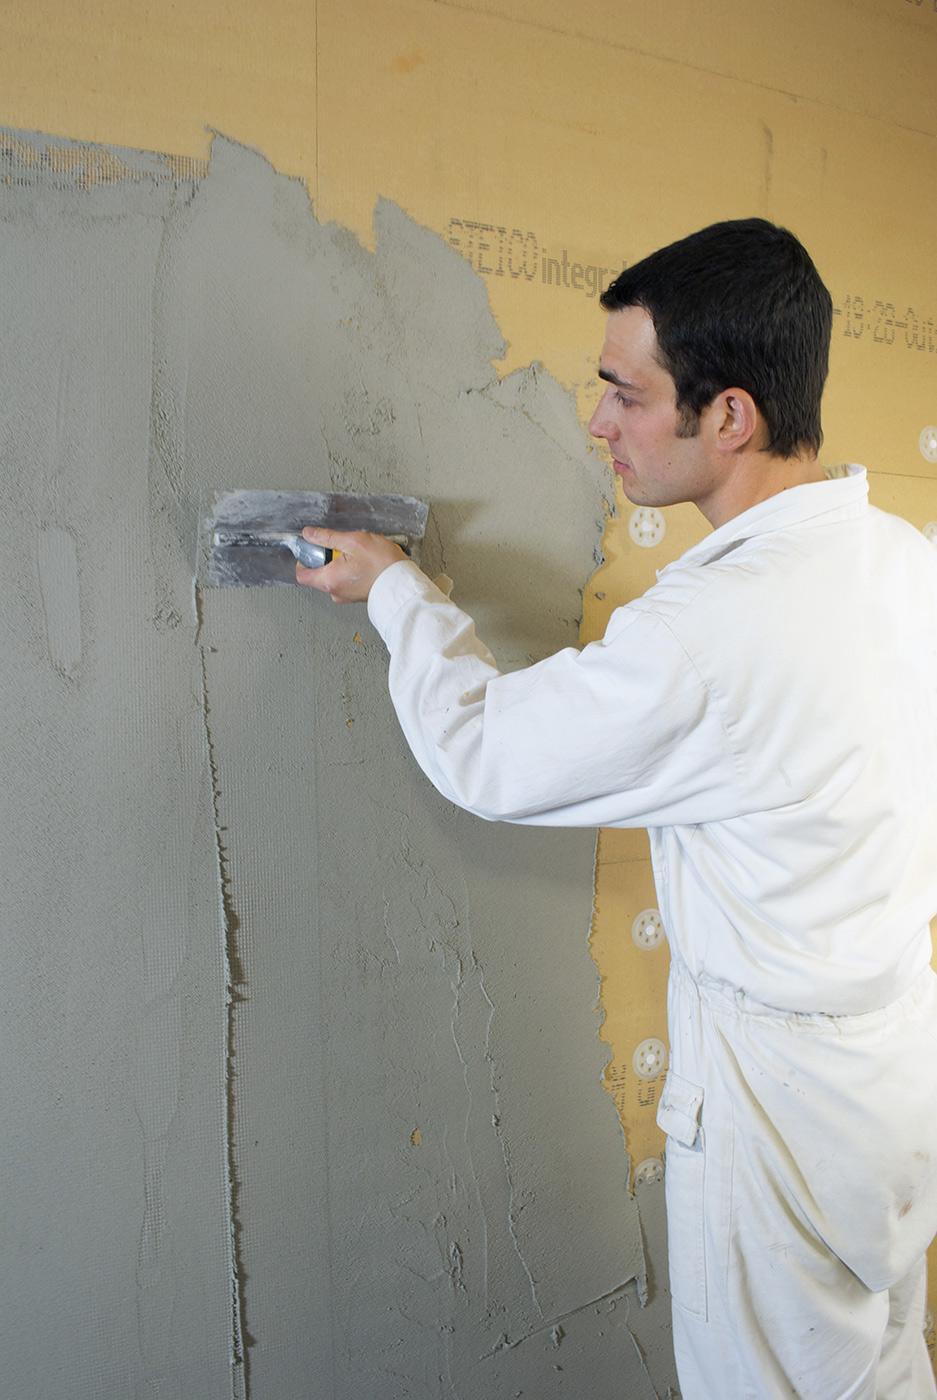 Mise en oeuvre mur STEICOintegral plaque isolant fibres de bois